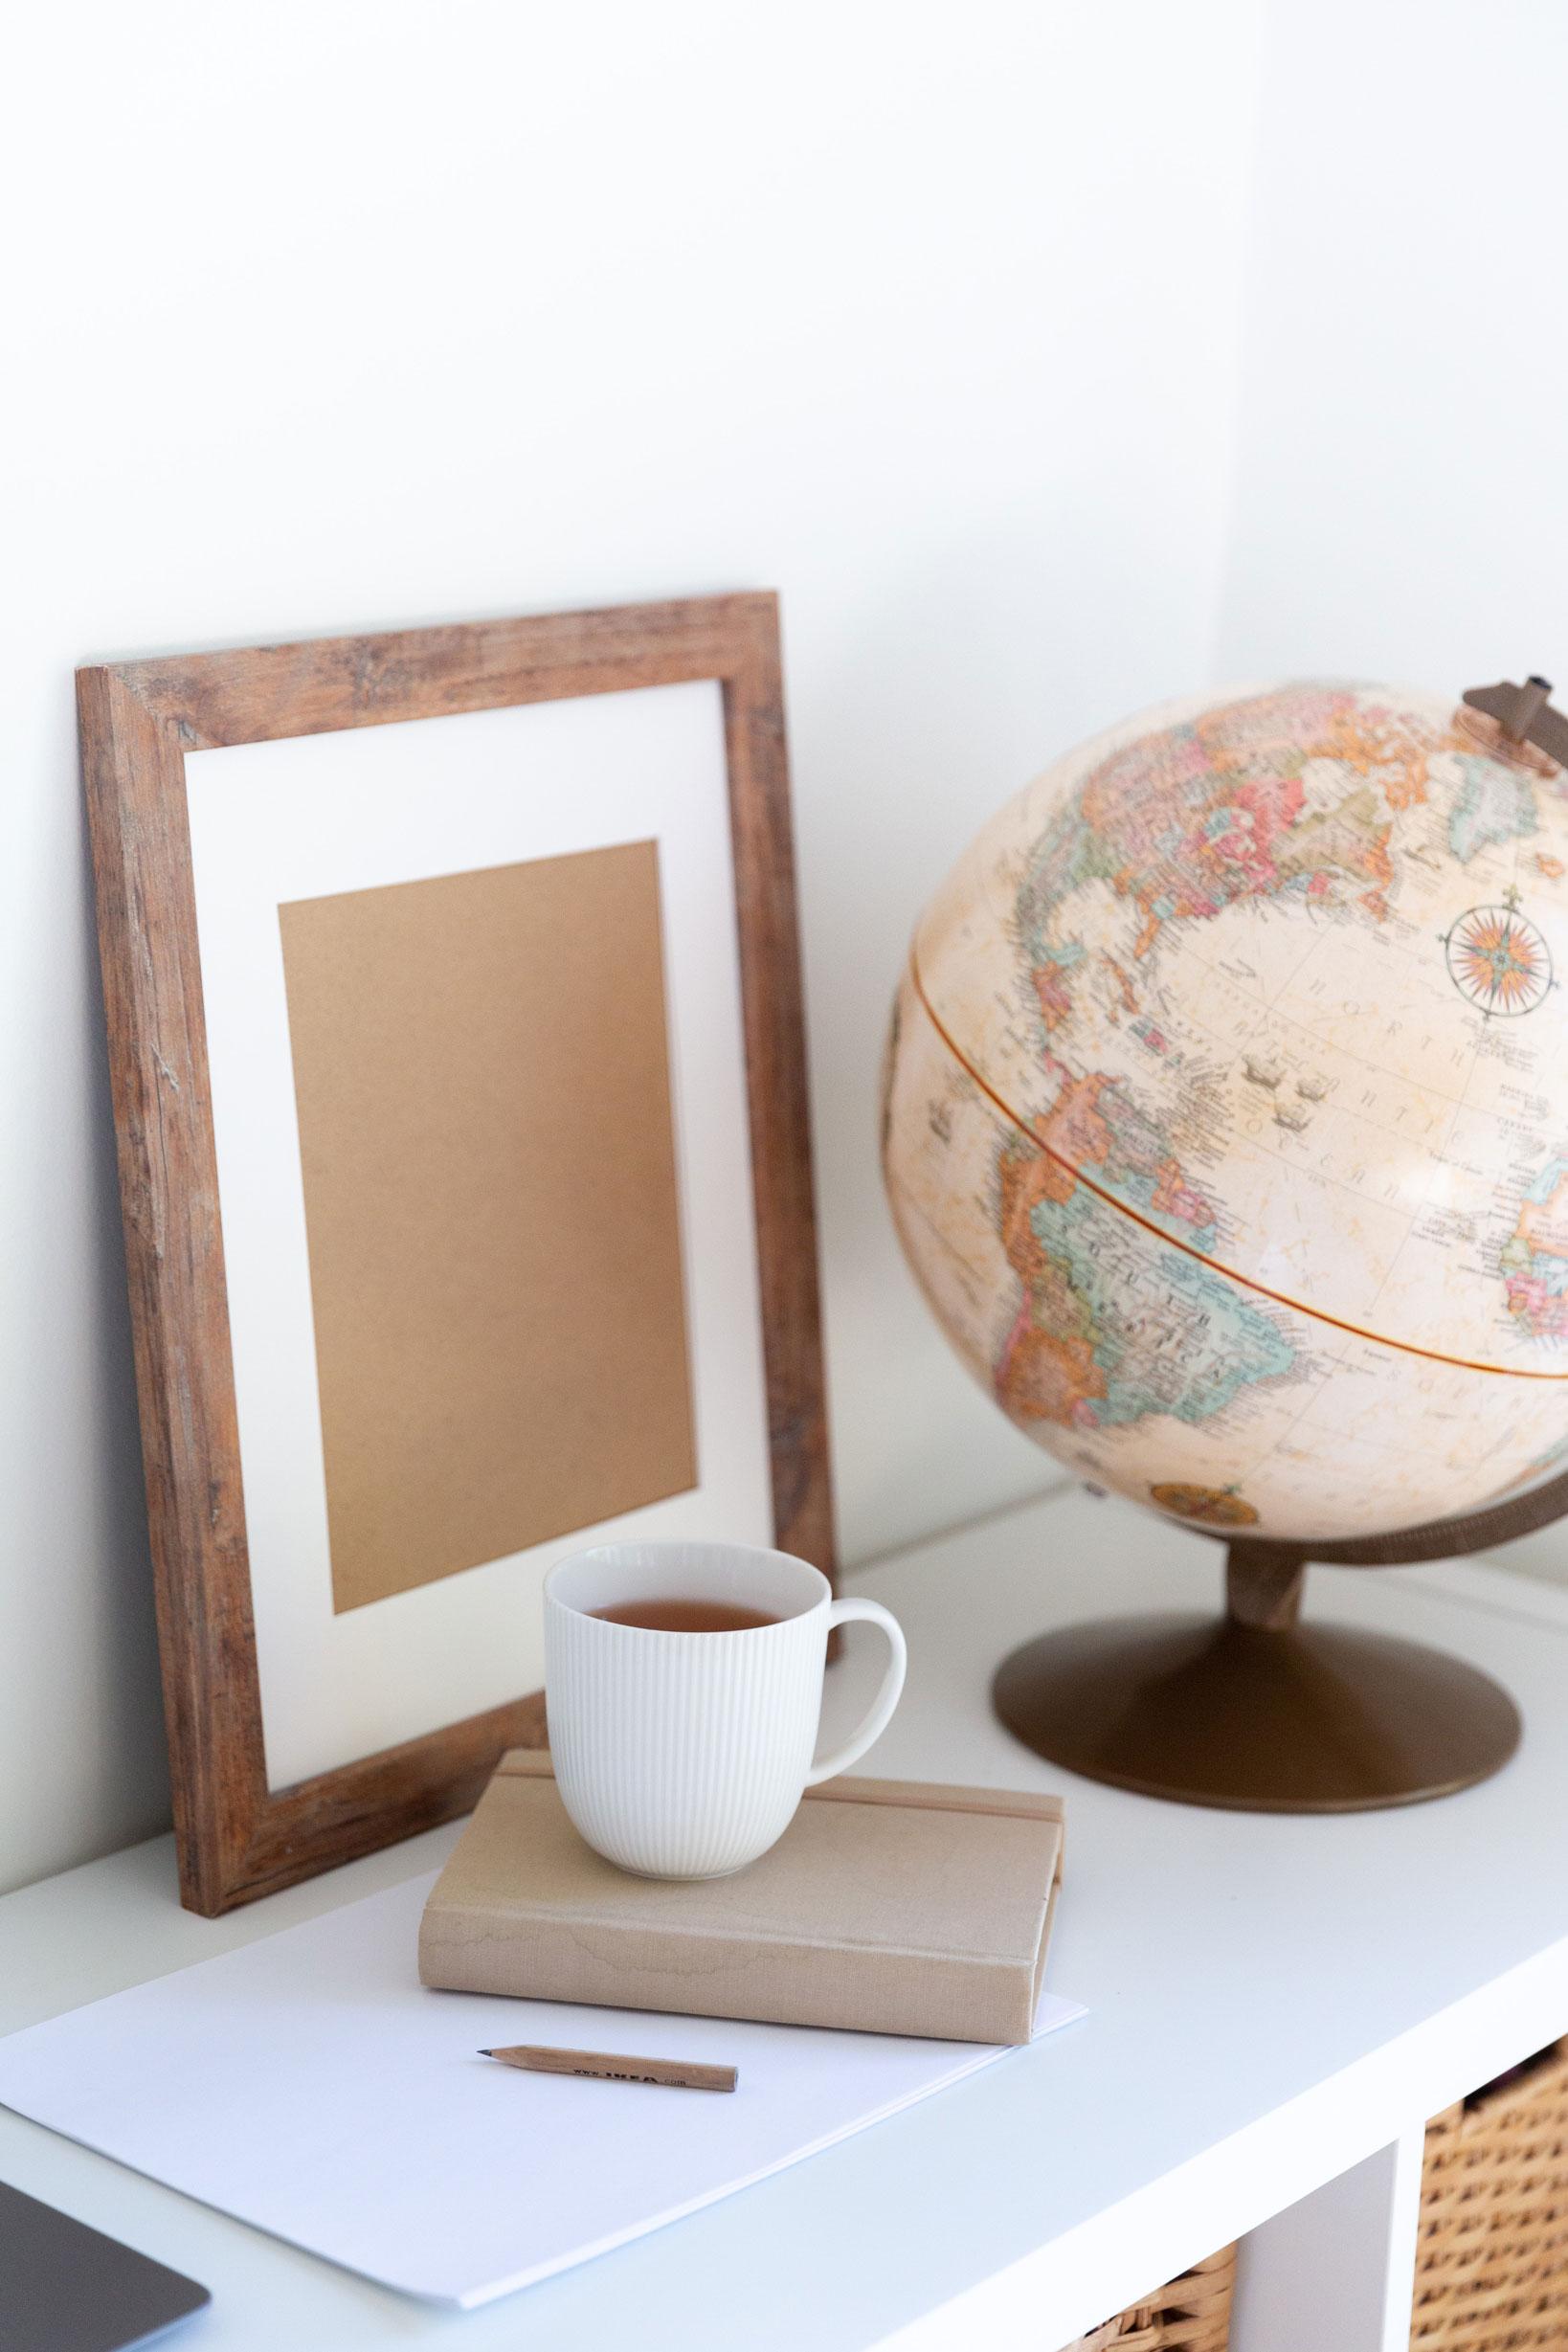 Sfeervol interieur met wereldse invloeden